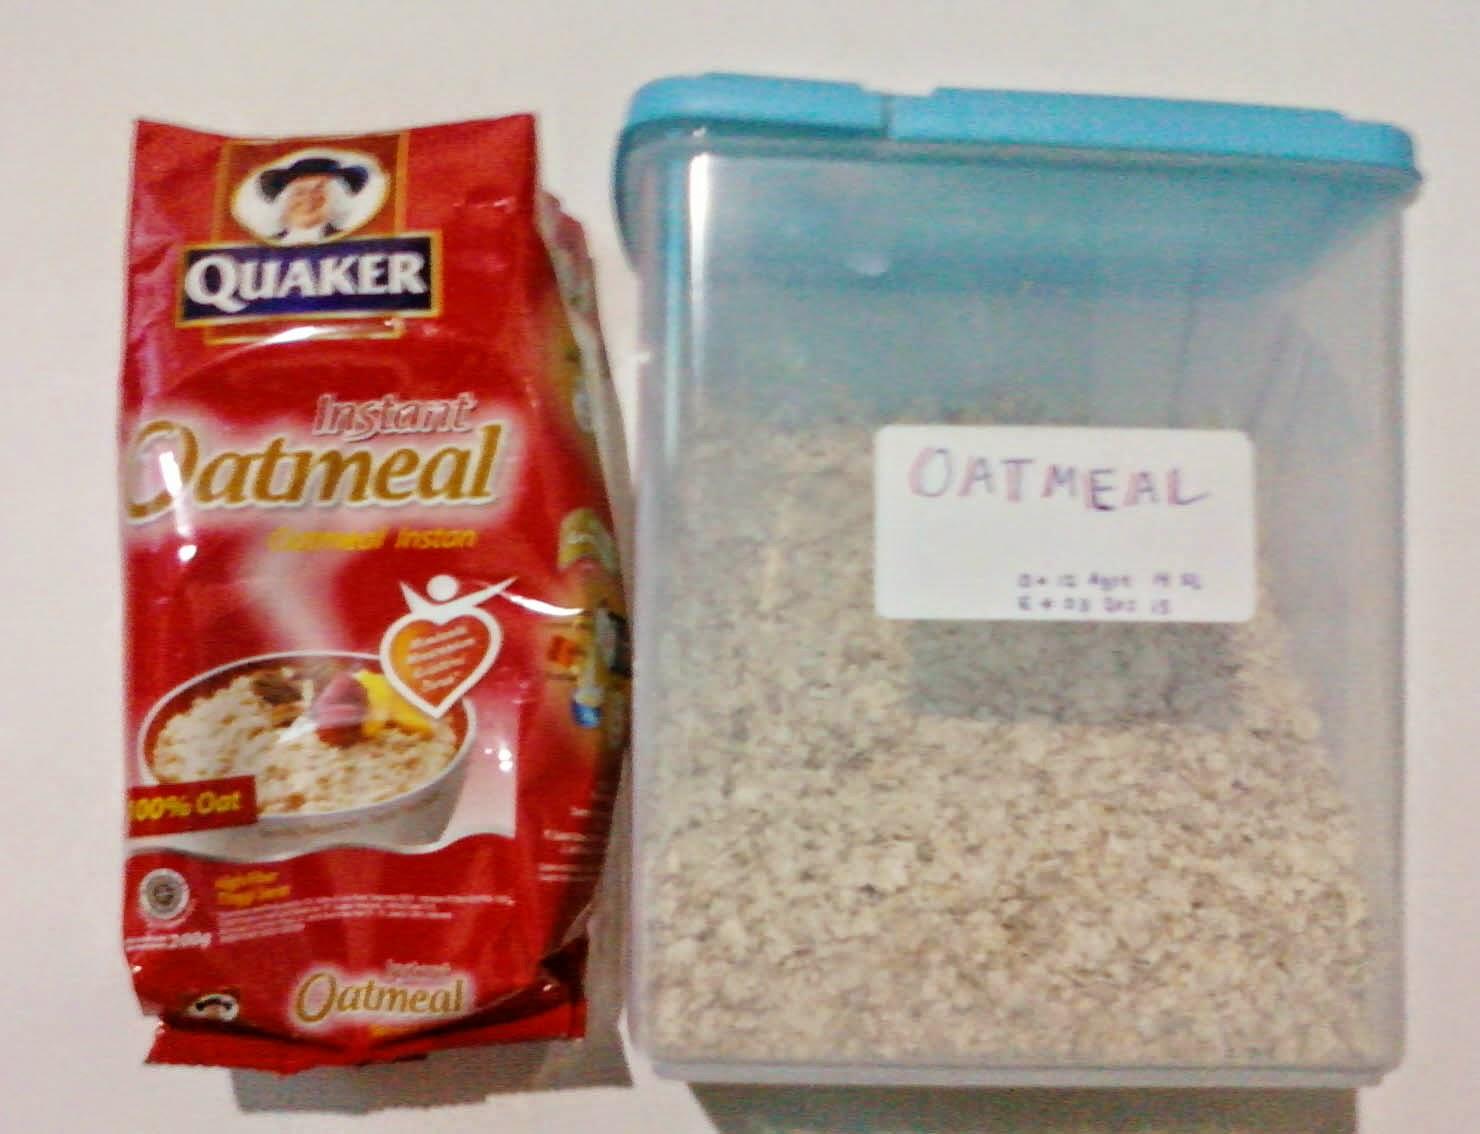 Rumah Renny: Quaker Oatmeal Enak dan Sehat